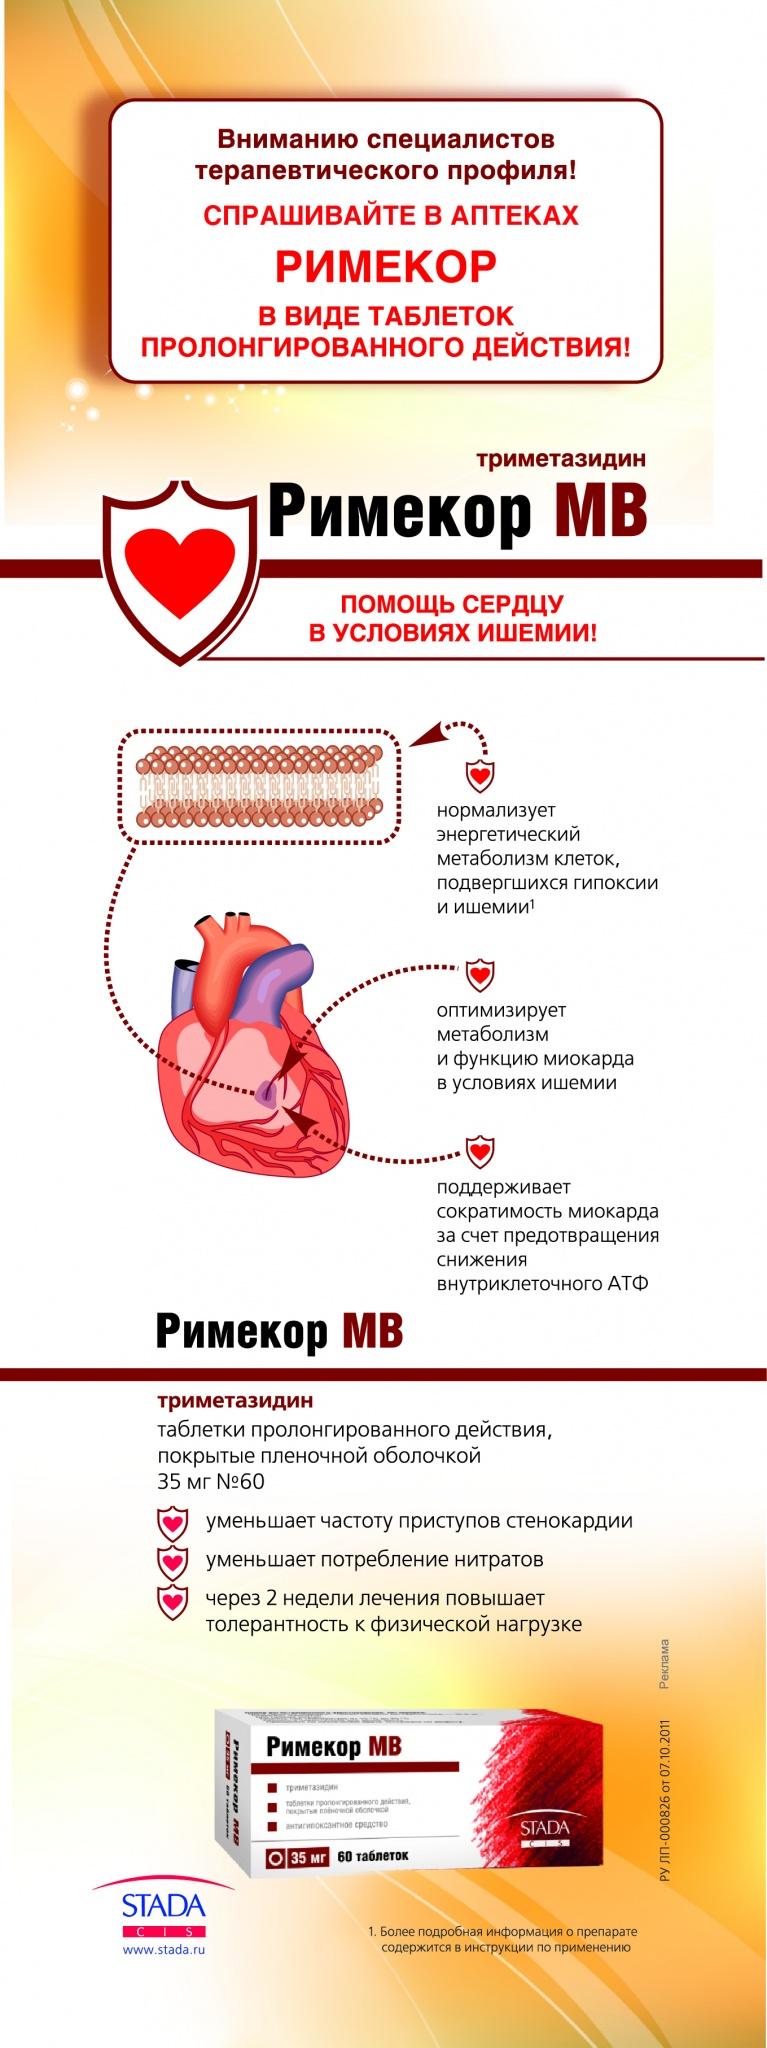 журнал доказательной медицины консилиум